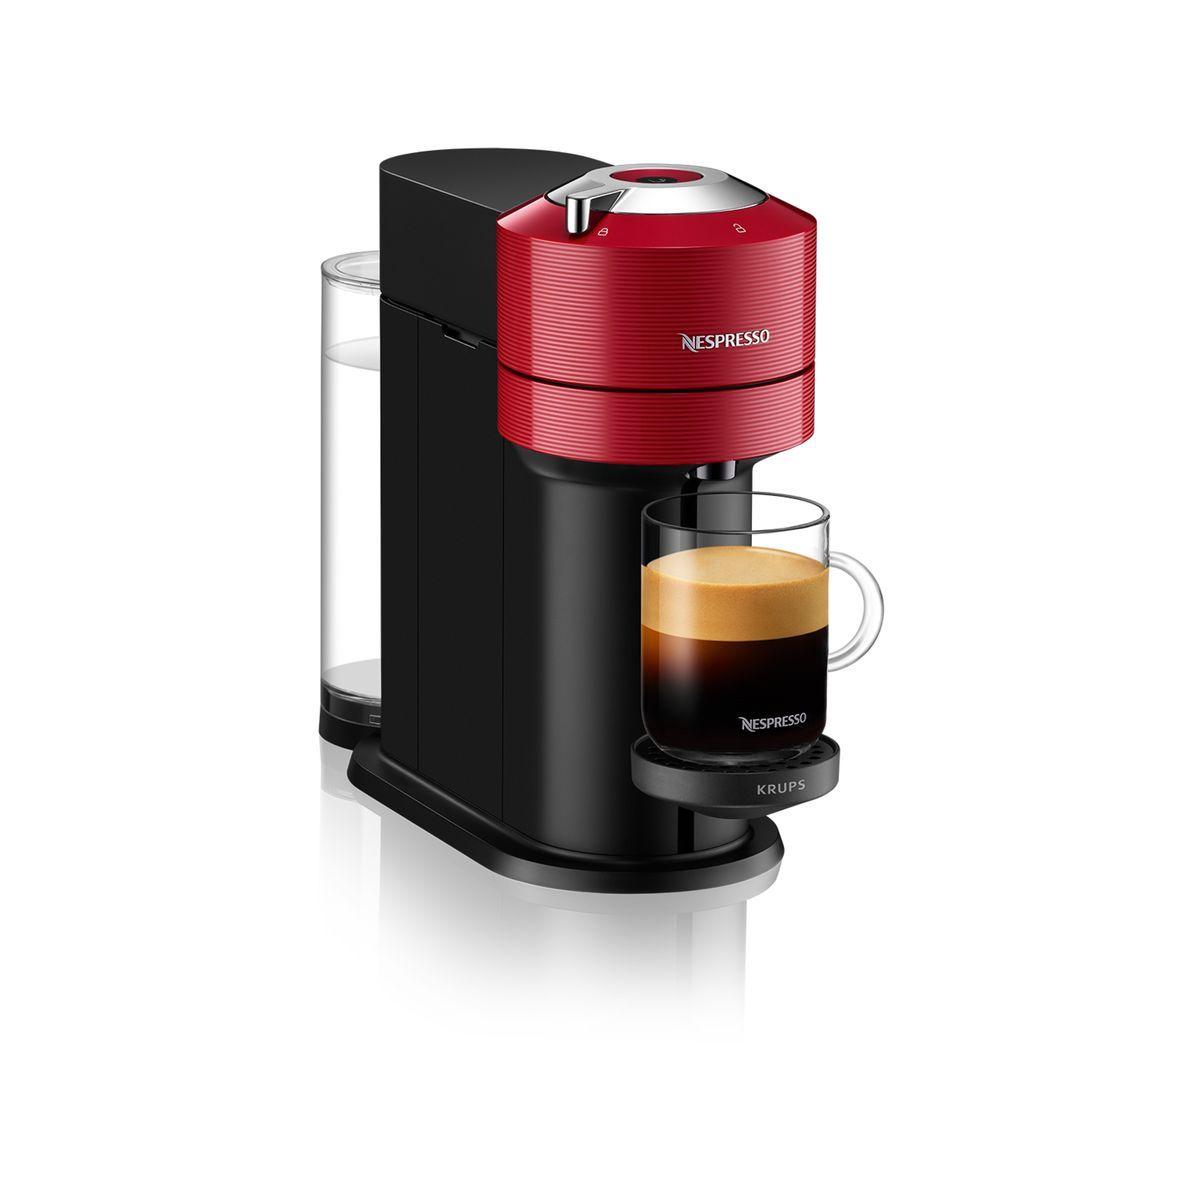 Machine à café Nespresso YY4296FD - Noir et rouge